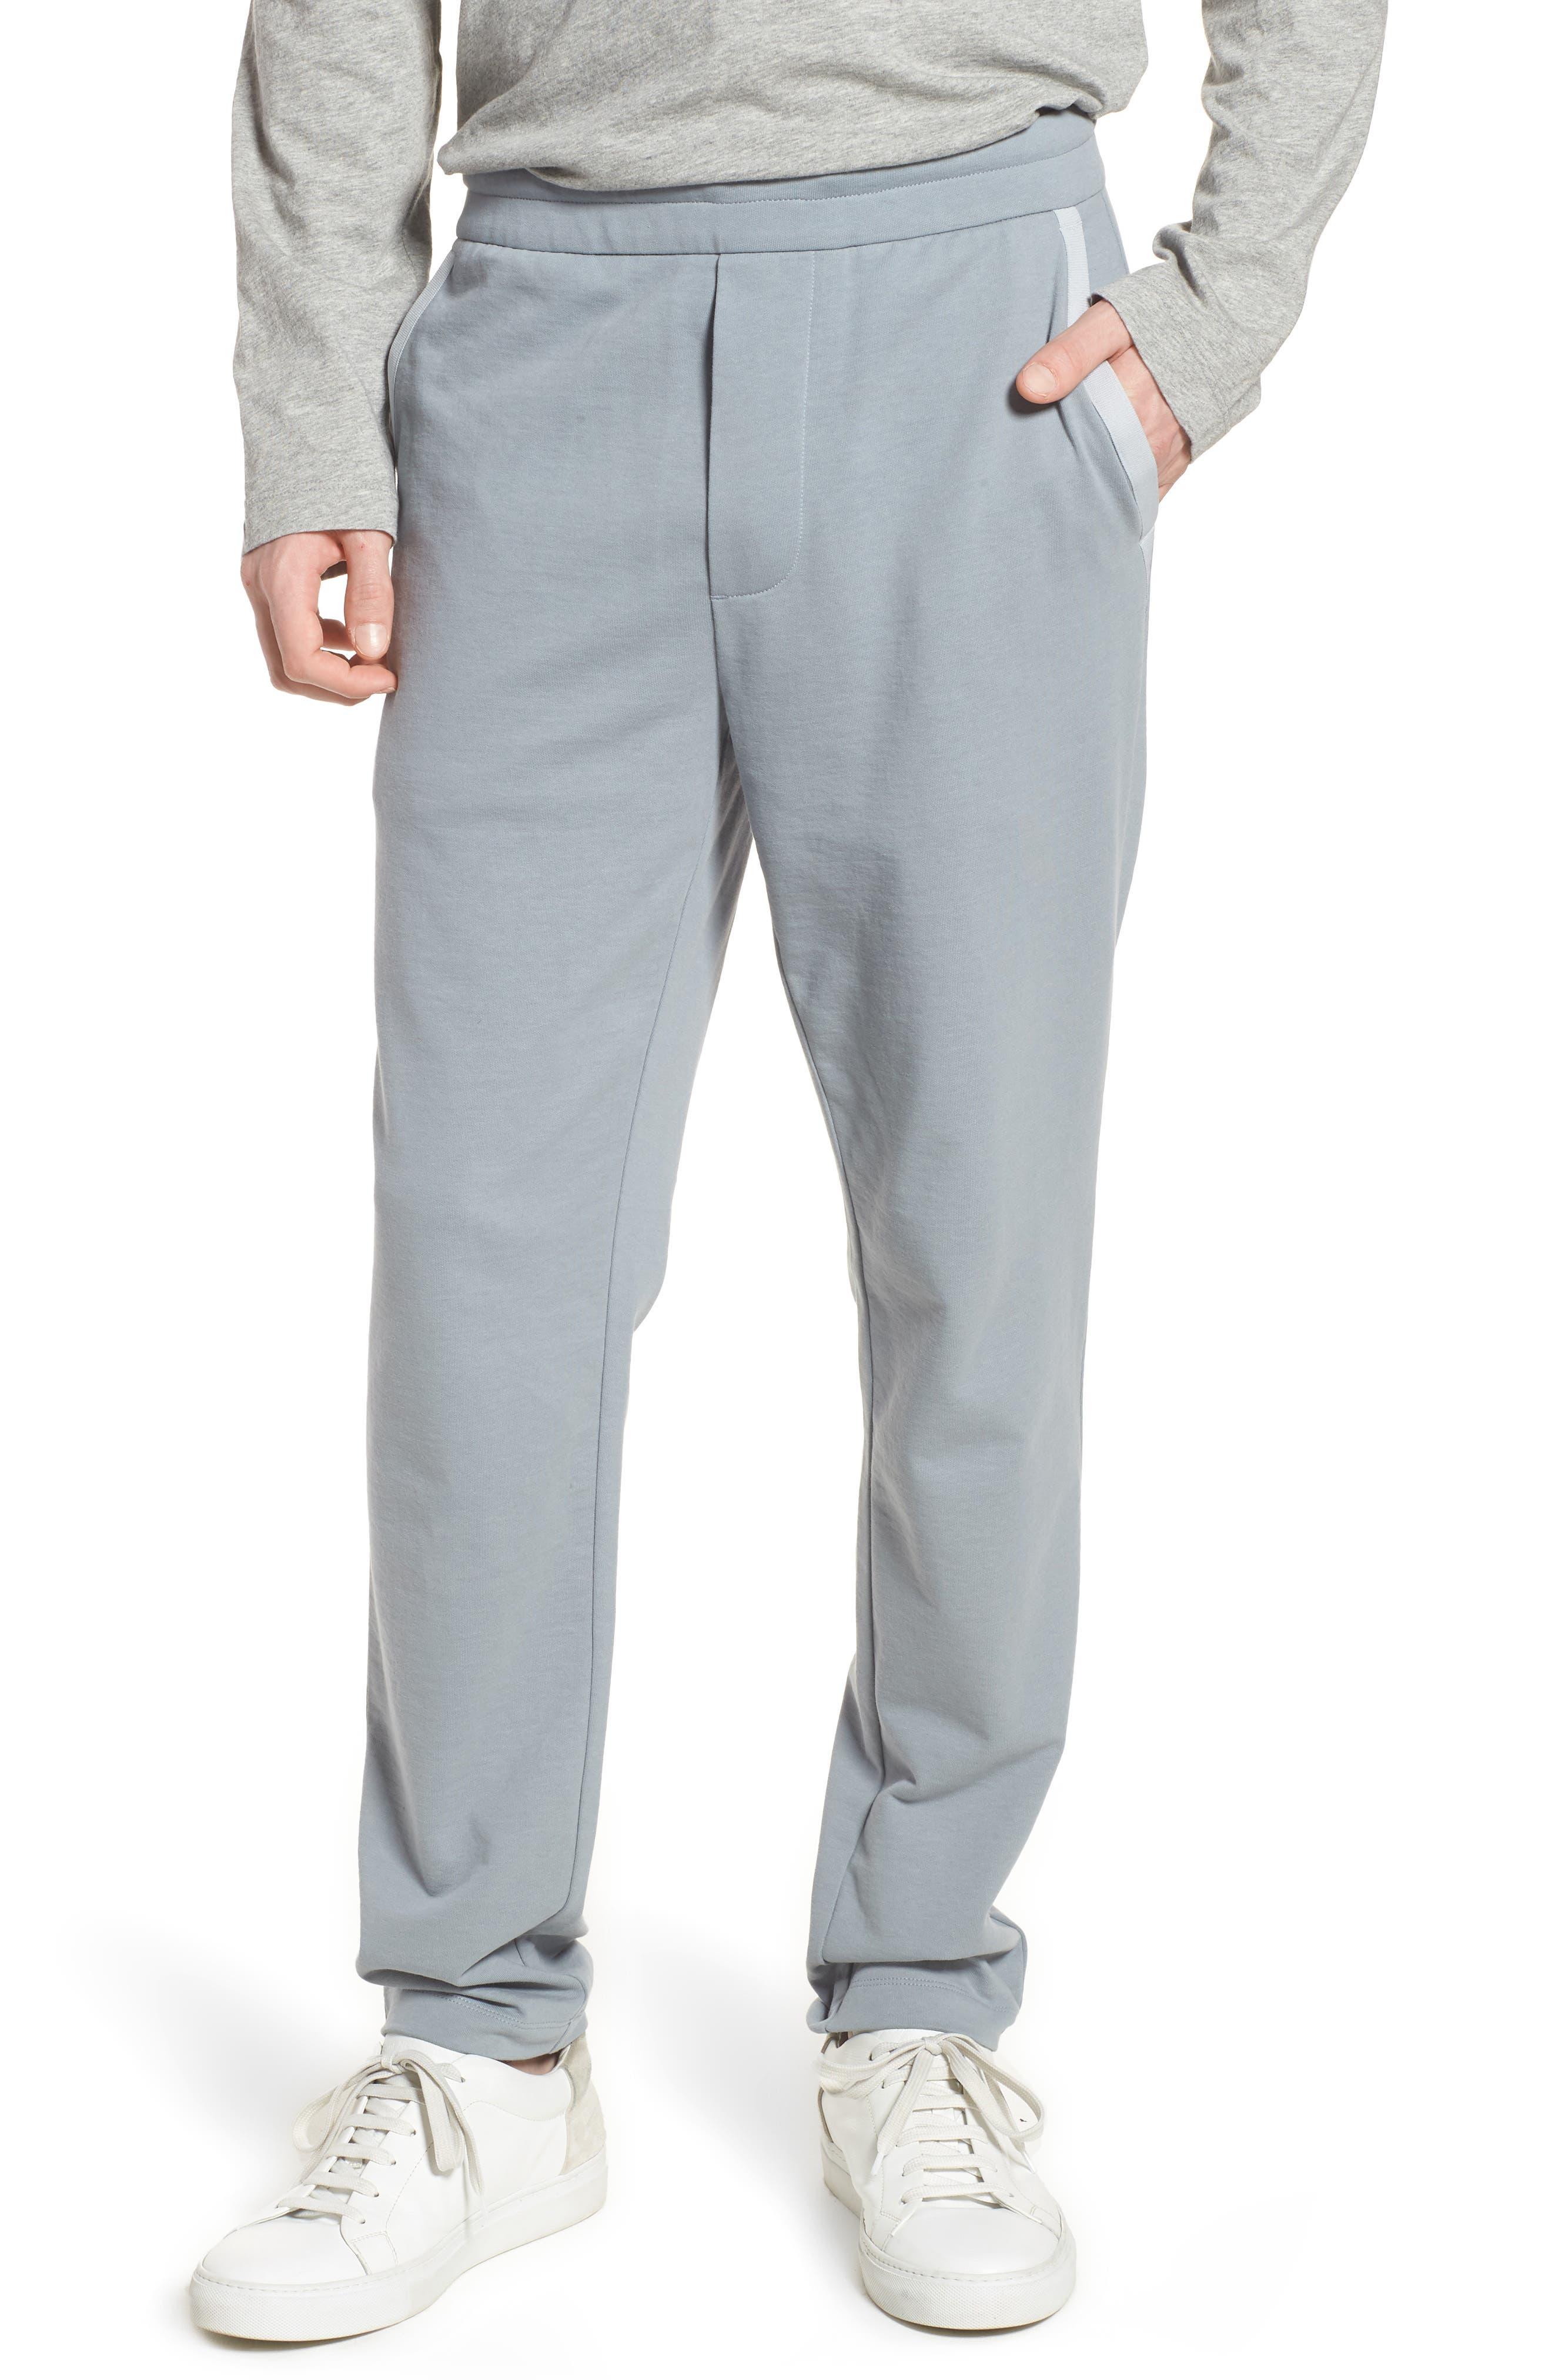 James Perse Cotton Pants